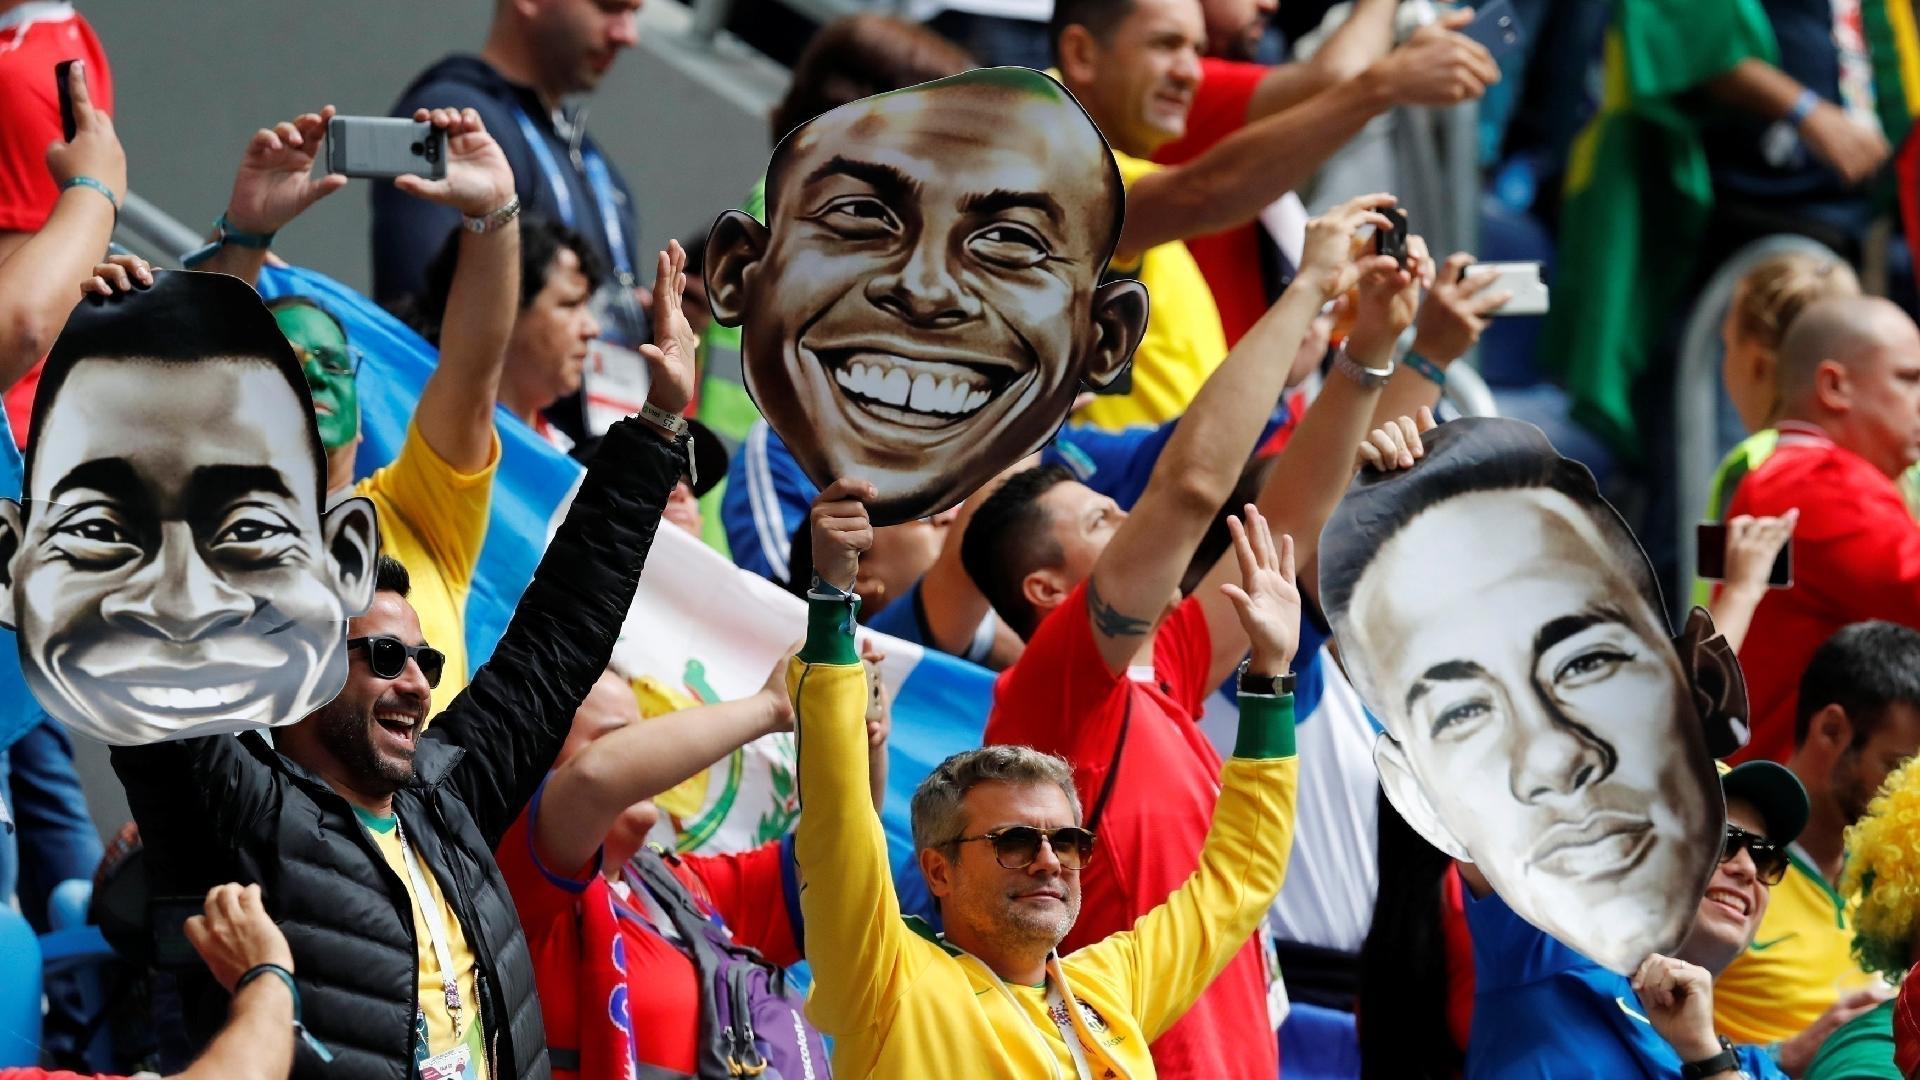 Torcida reverencia Neymar, Ronaldo e Pelé